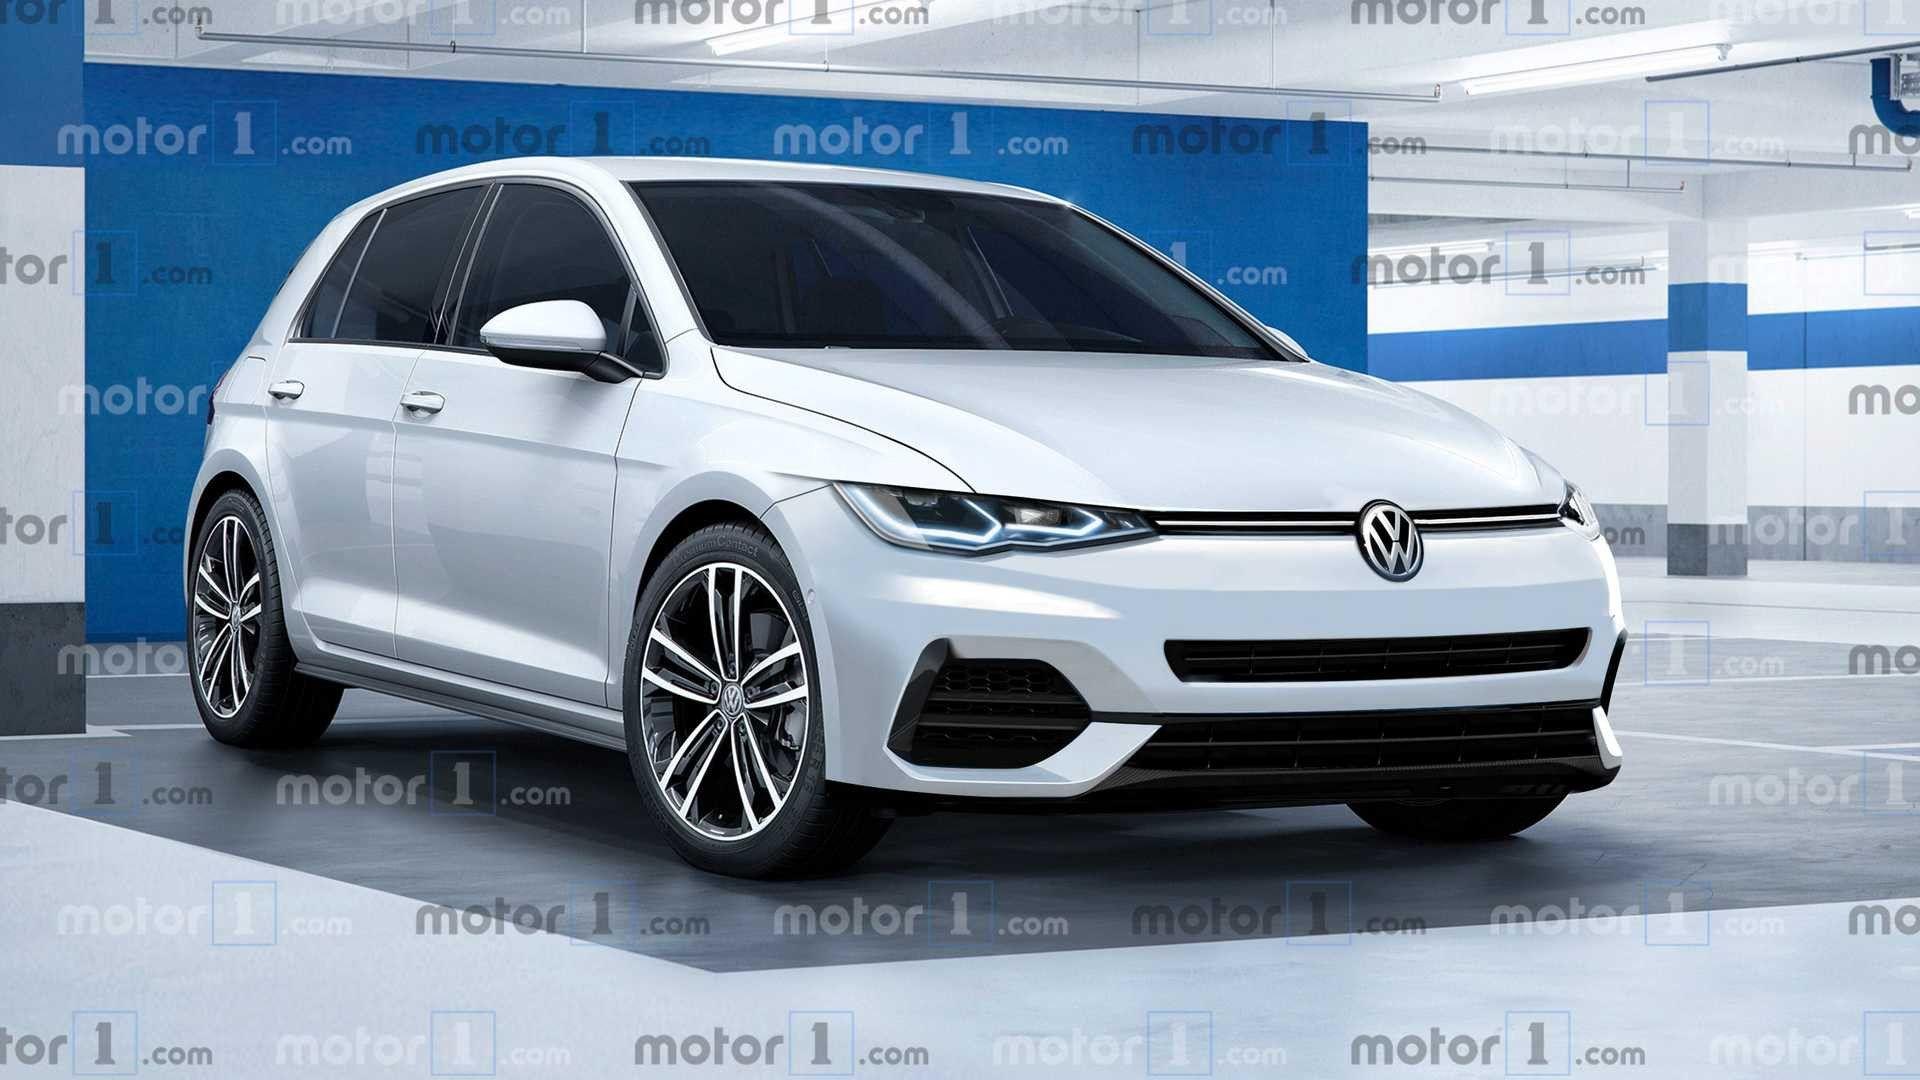 Volkswagen E Golf 2020 Price And Release Date Di 2020